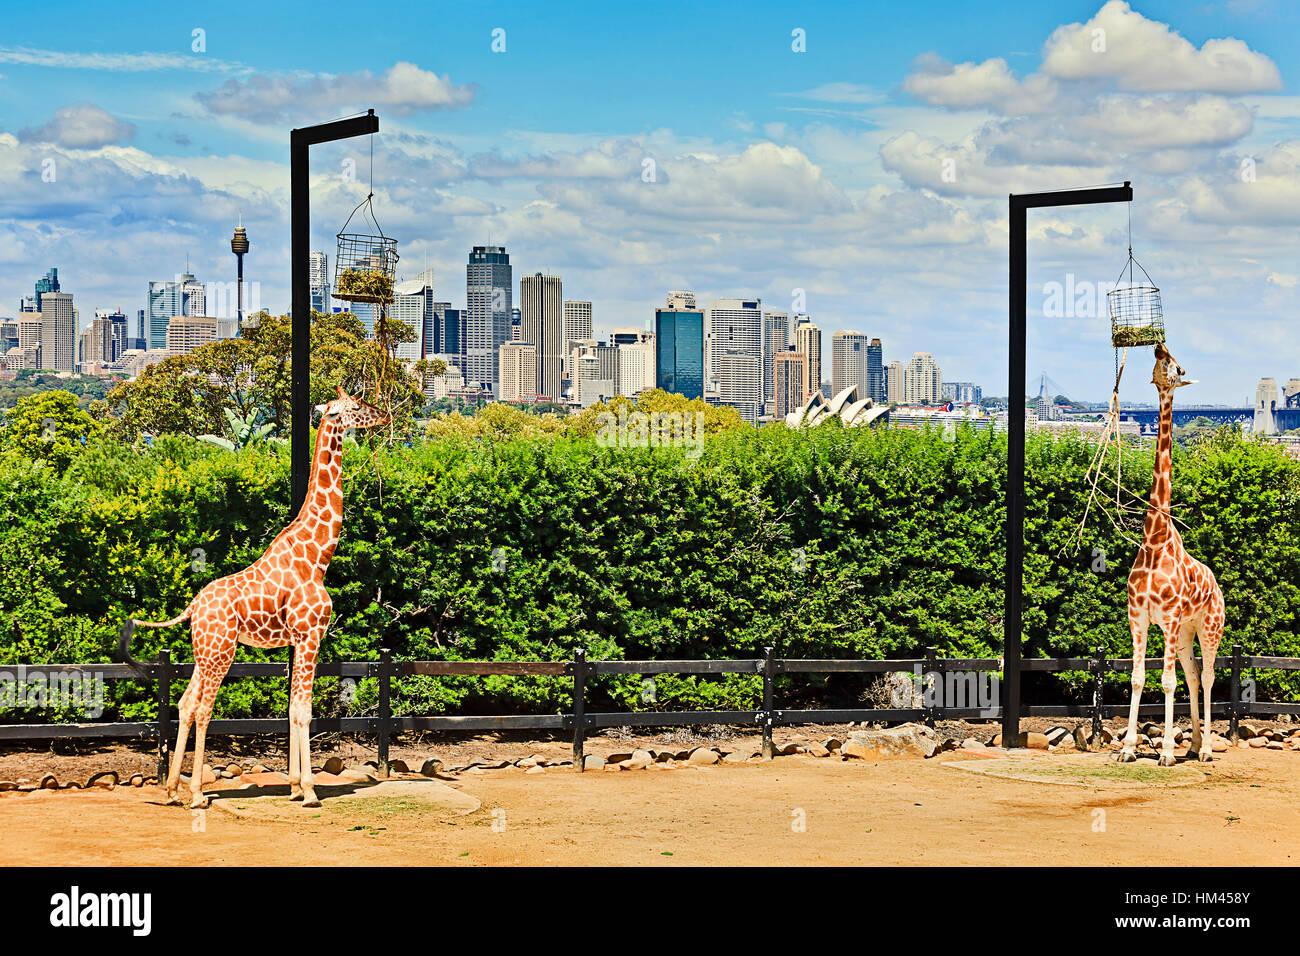 Un couple de girafes africaines dans parc verdoyant sur les rives du port de Sydney CBD contre city landmarks mangent de leurs cages. Banque D'Images